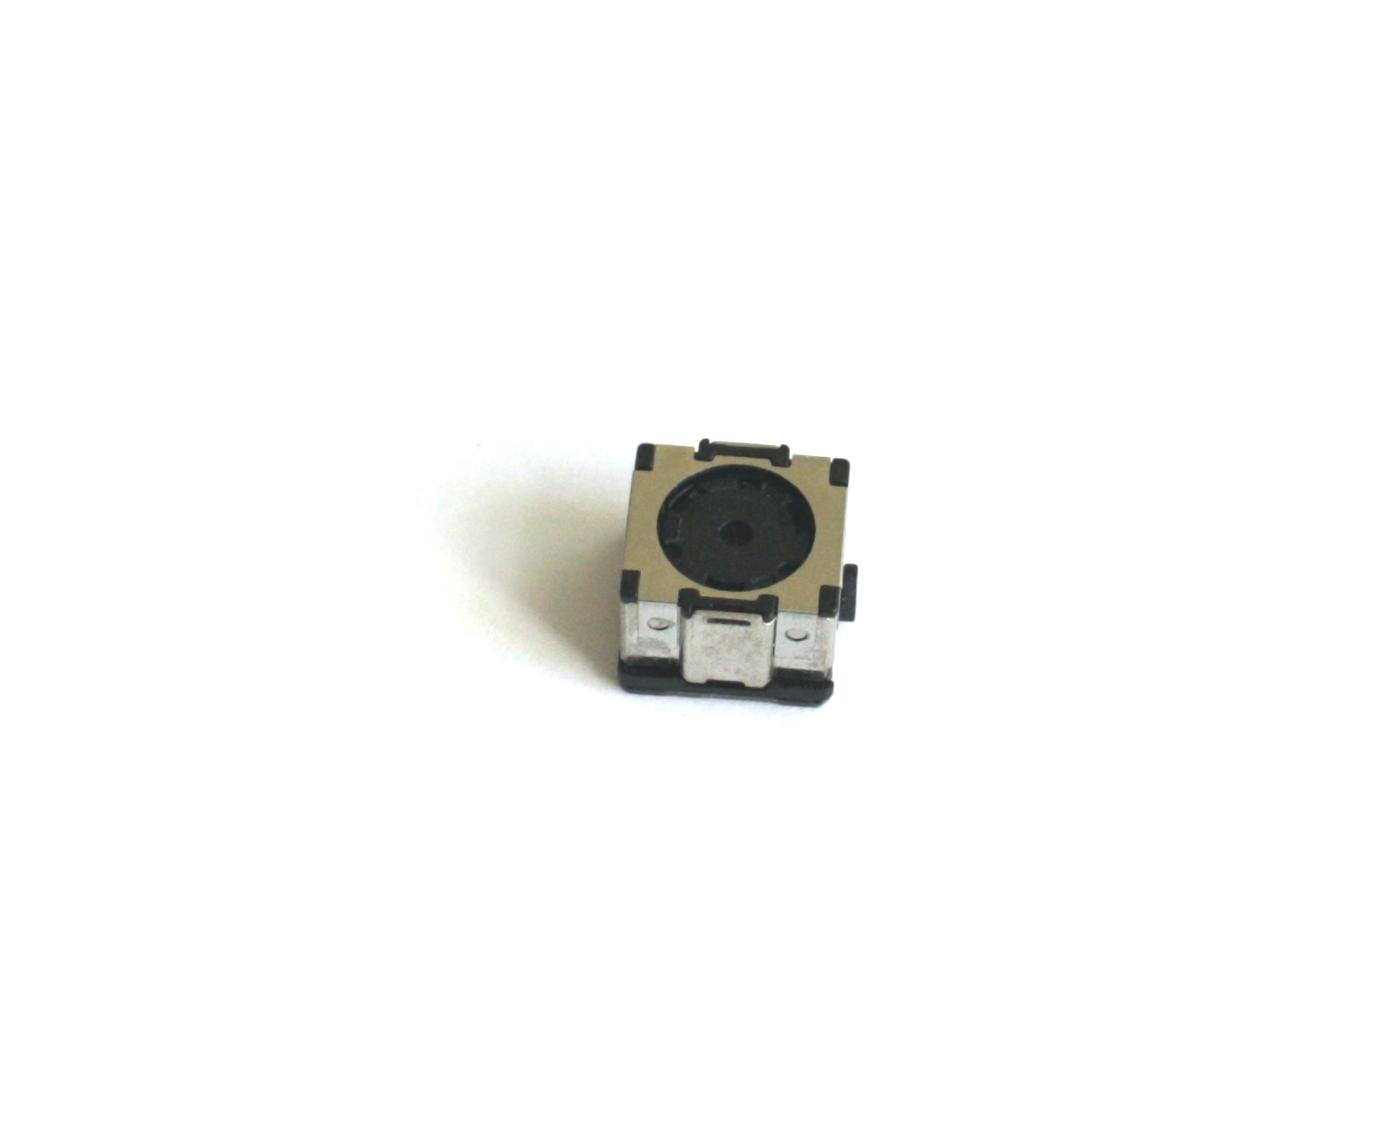 Camera Nokia 3600s,5530,5800,6210n,6303,6600s,7610sn,E66,E71